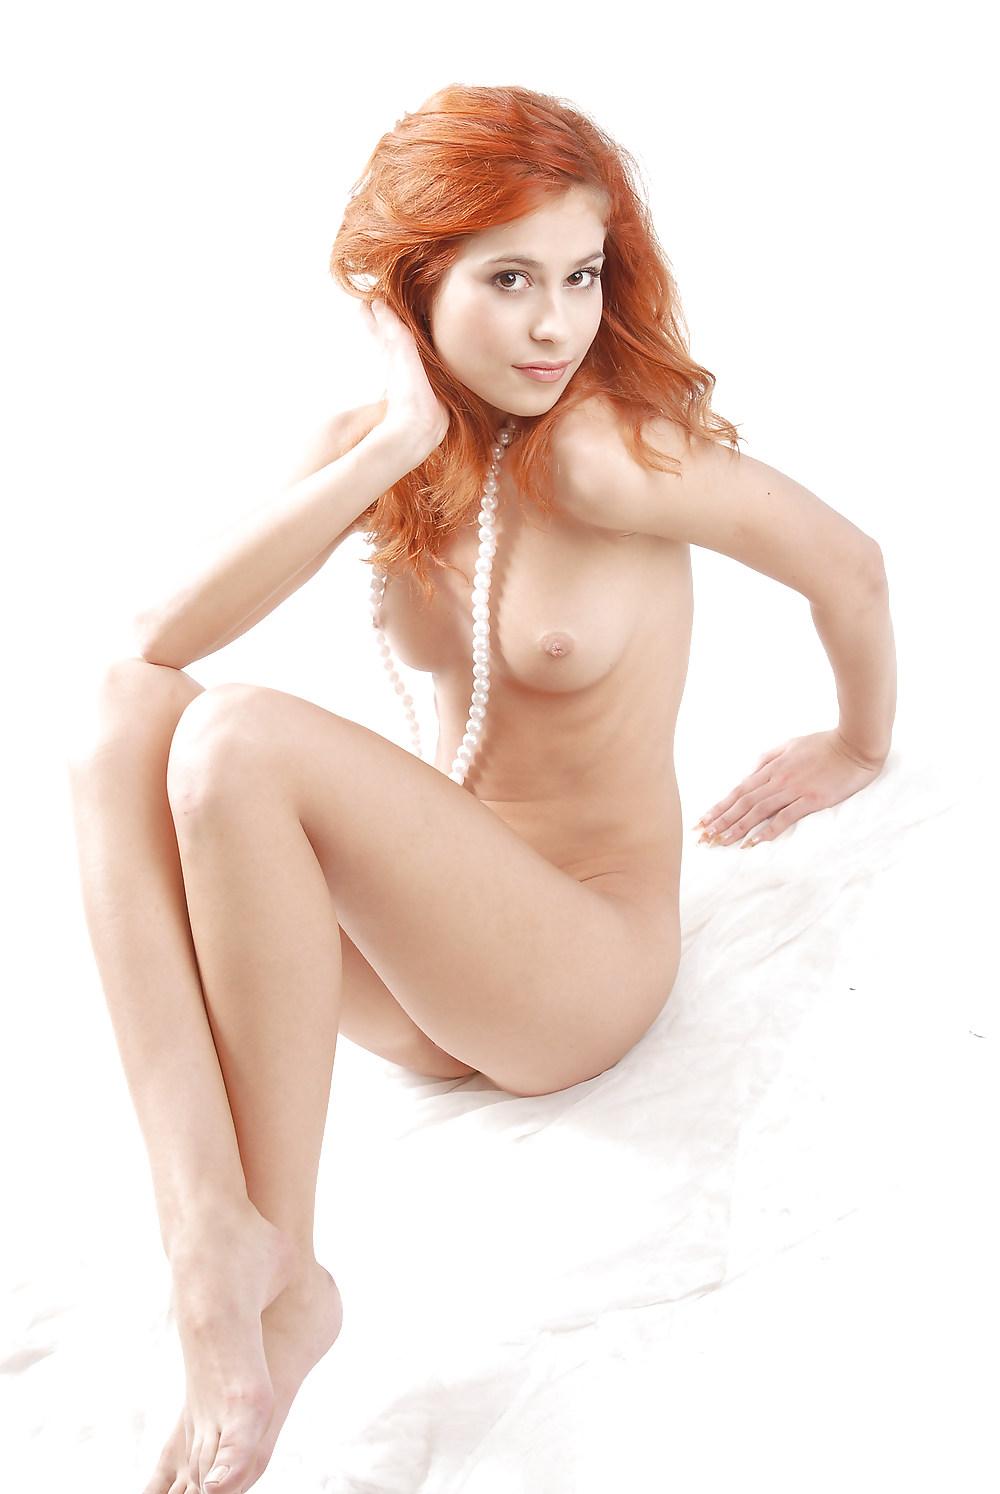 татьяна кирилюк бывшая проститутка современности